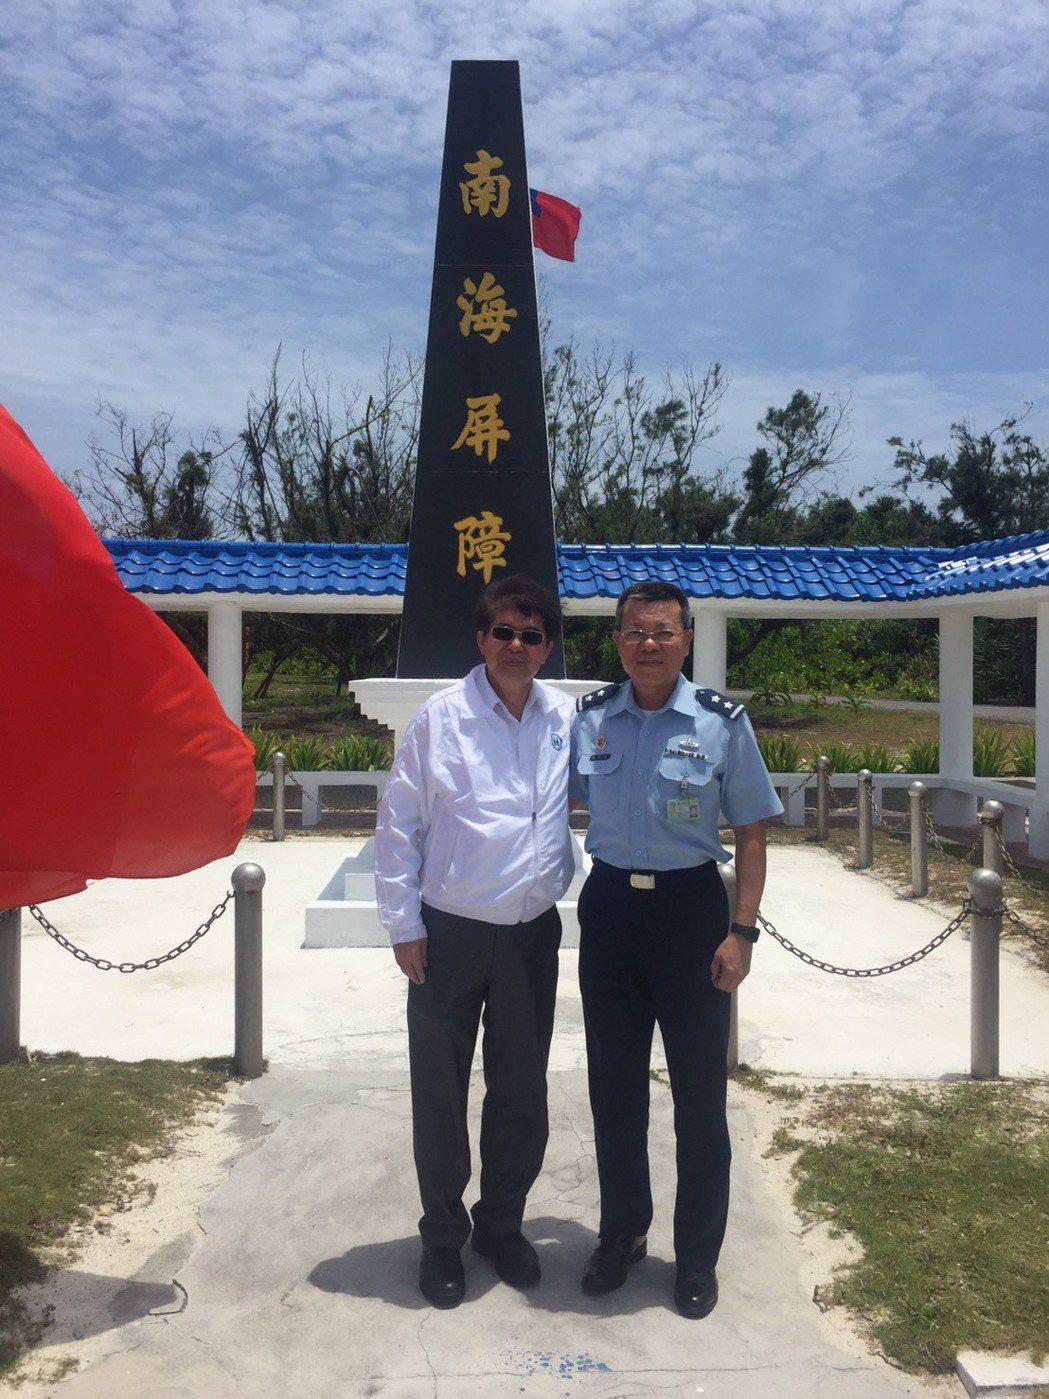 健保署長(左)李伯璋與國防部軍醫局長吳怡昌訪視東沙島醫療狀況。圖/健保署提供